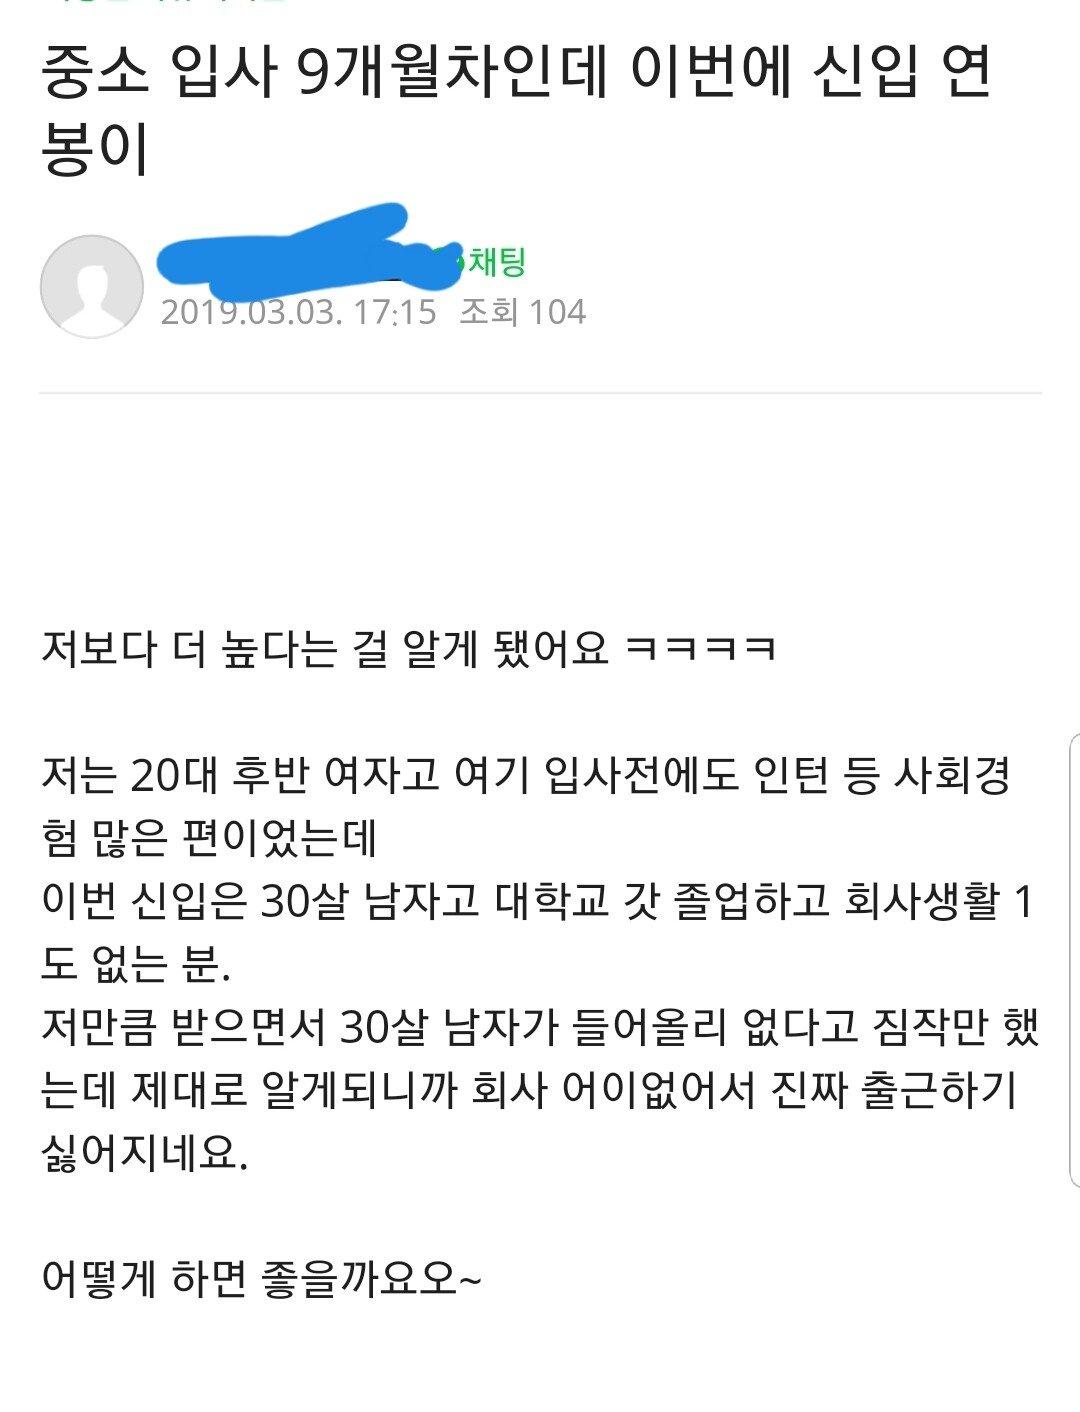 남자 신입사원이 더 연봉 많이 받아서 빡친 여직원에게 팩트폭력 날리는 네티즌.jpg